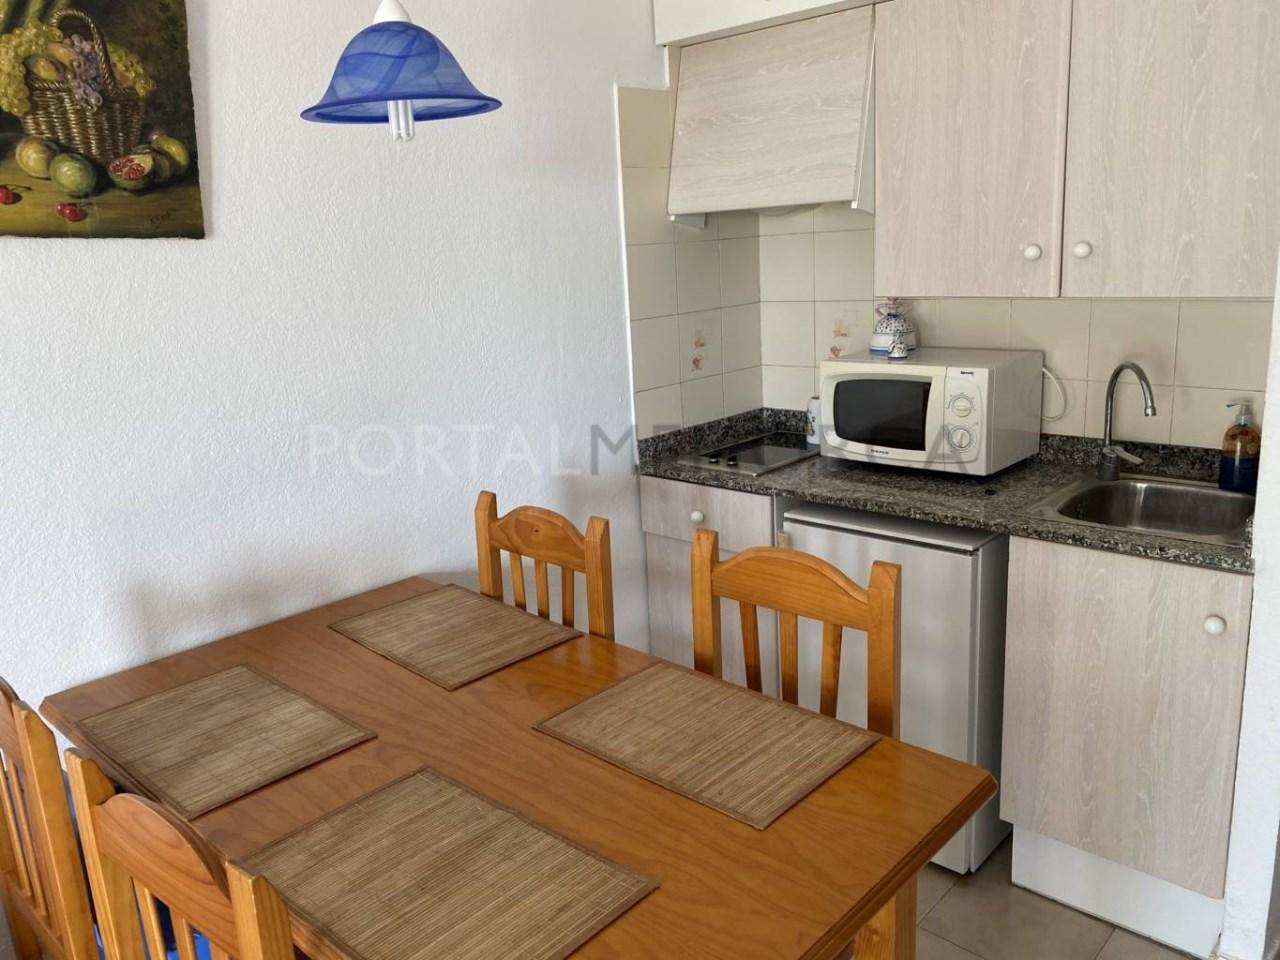 Apartamento en venta en Calan Blanes cocina FM